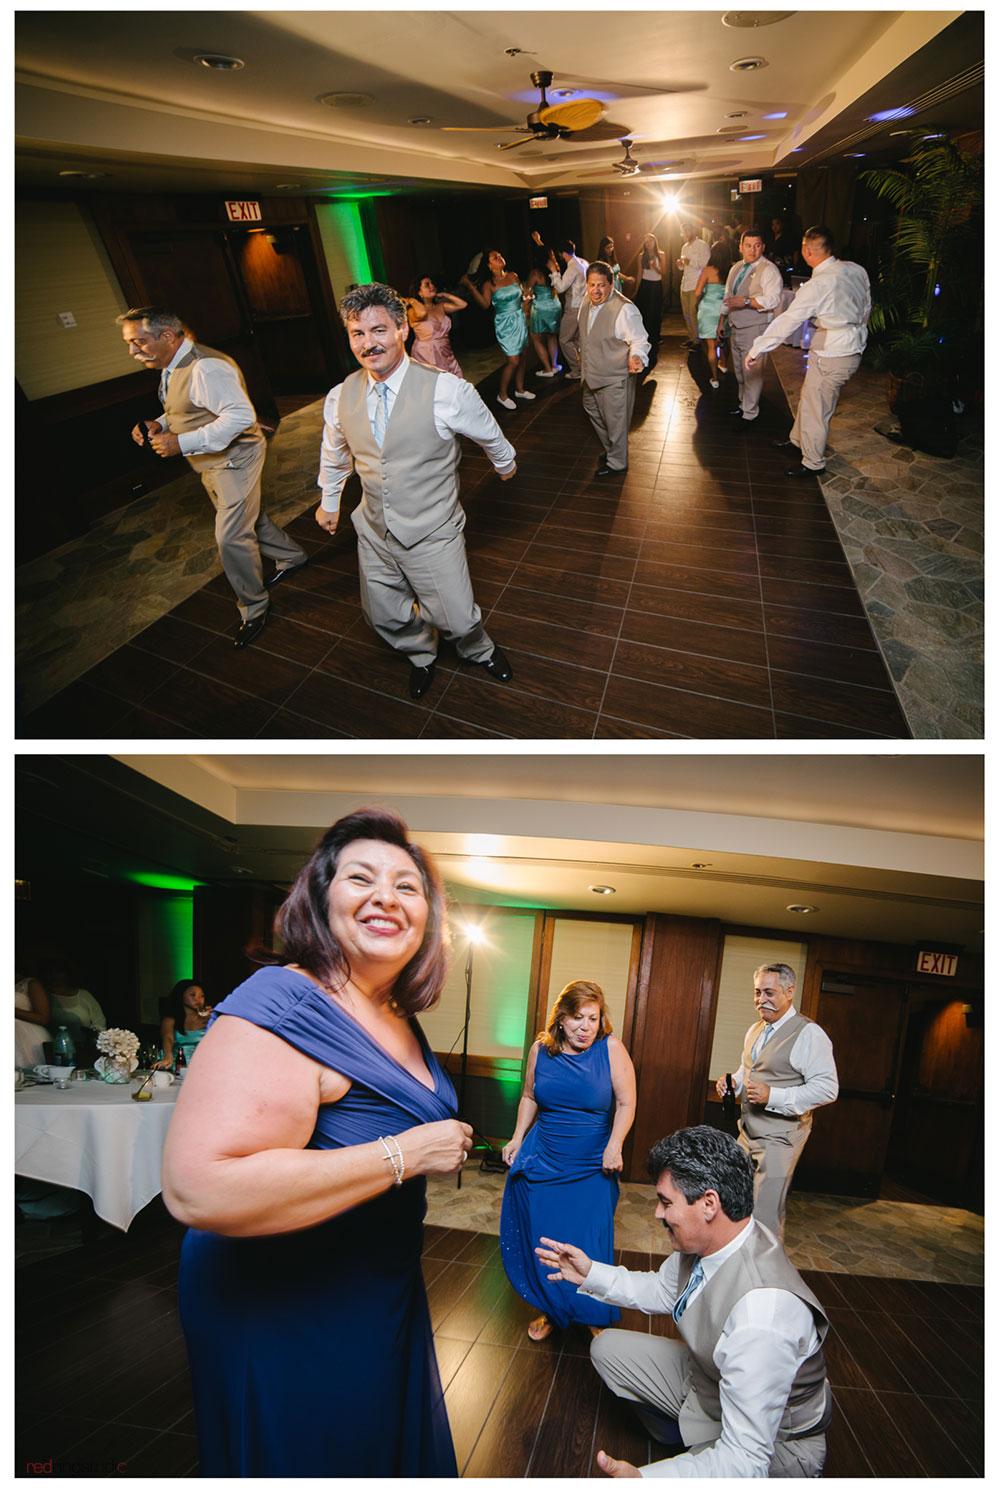 Dance-Funny.jpg